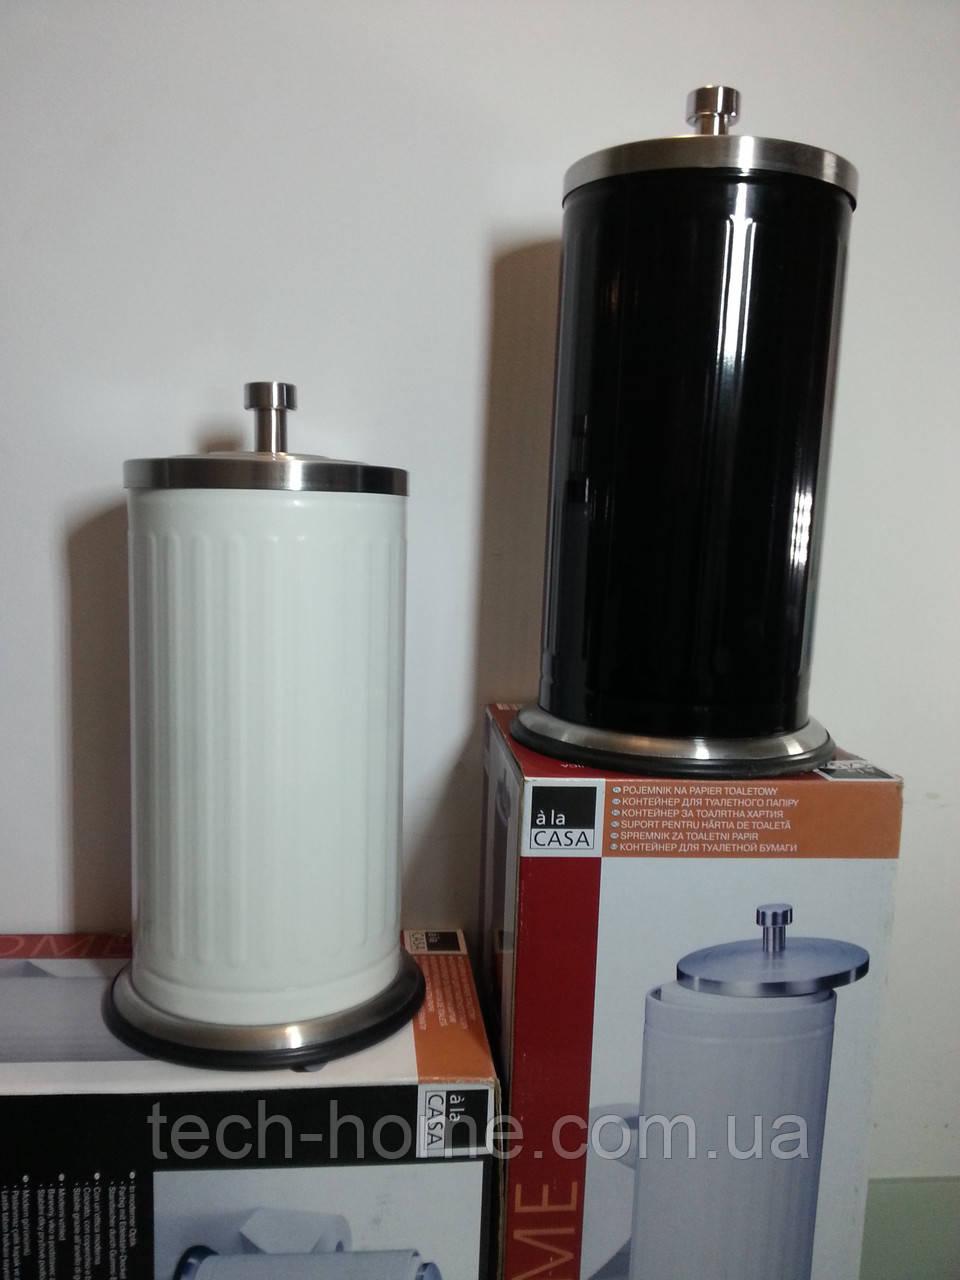 Контейнер для туалетной бумаги ALA Casa 100103